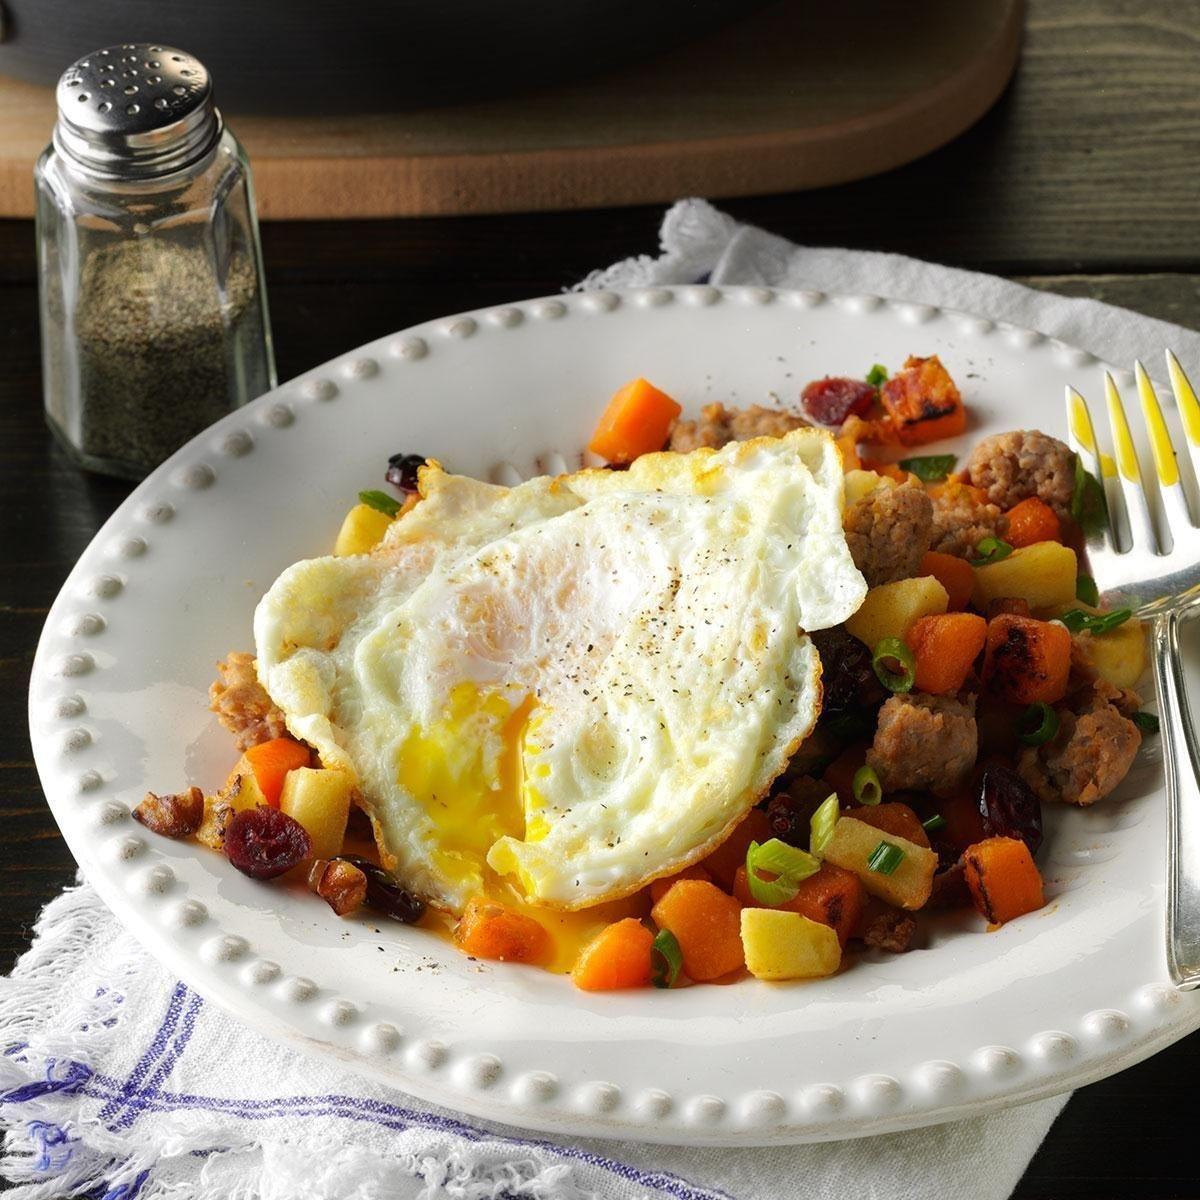 Egg Recipes For Diabetics